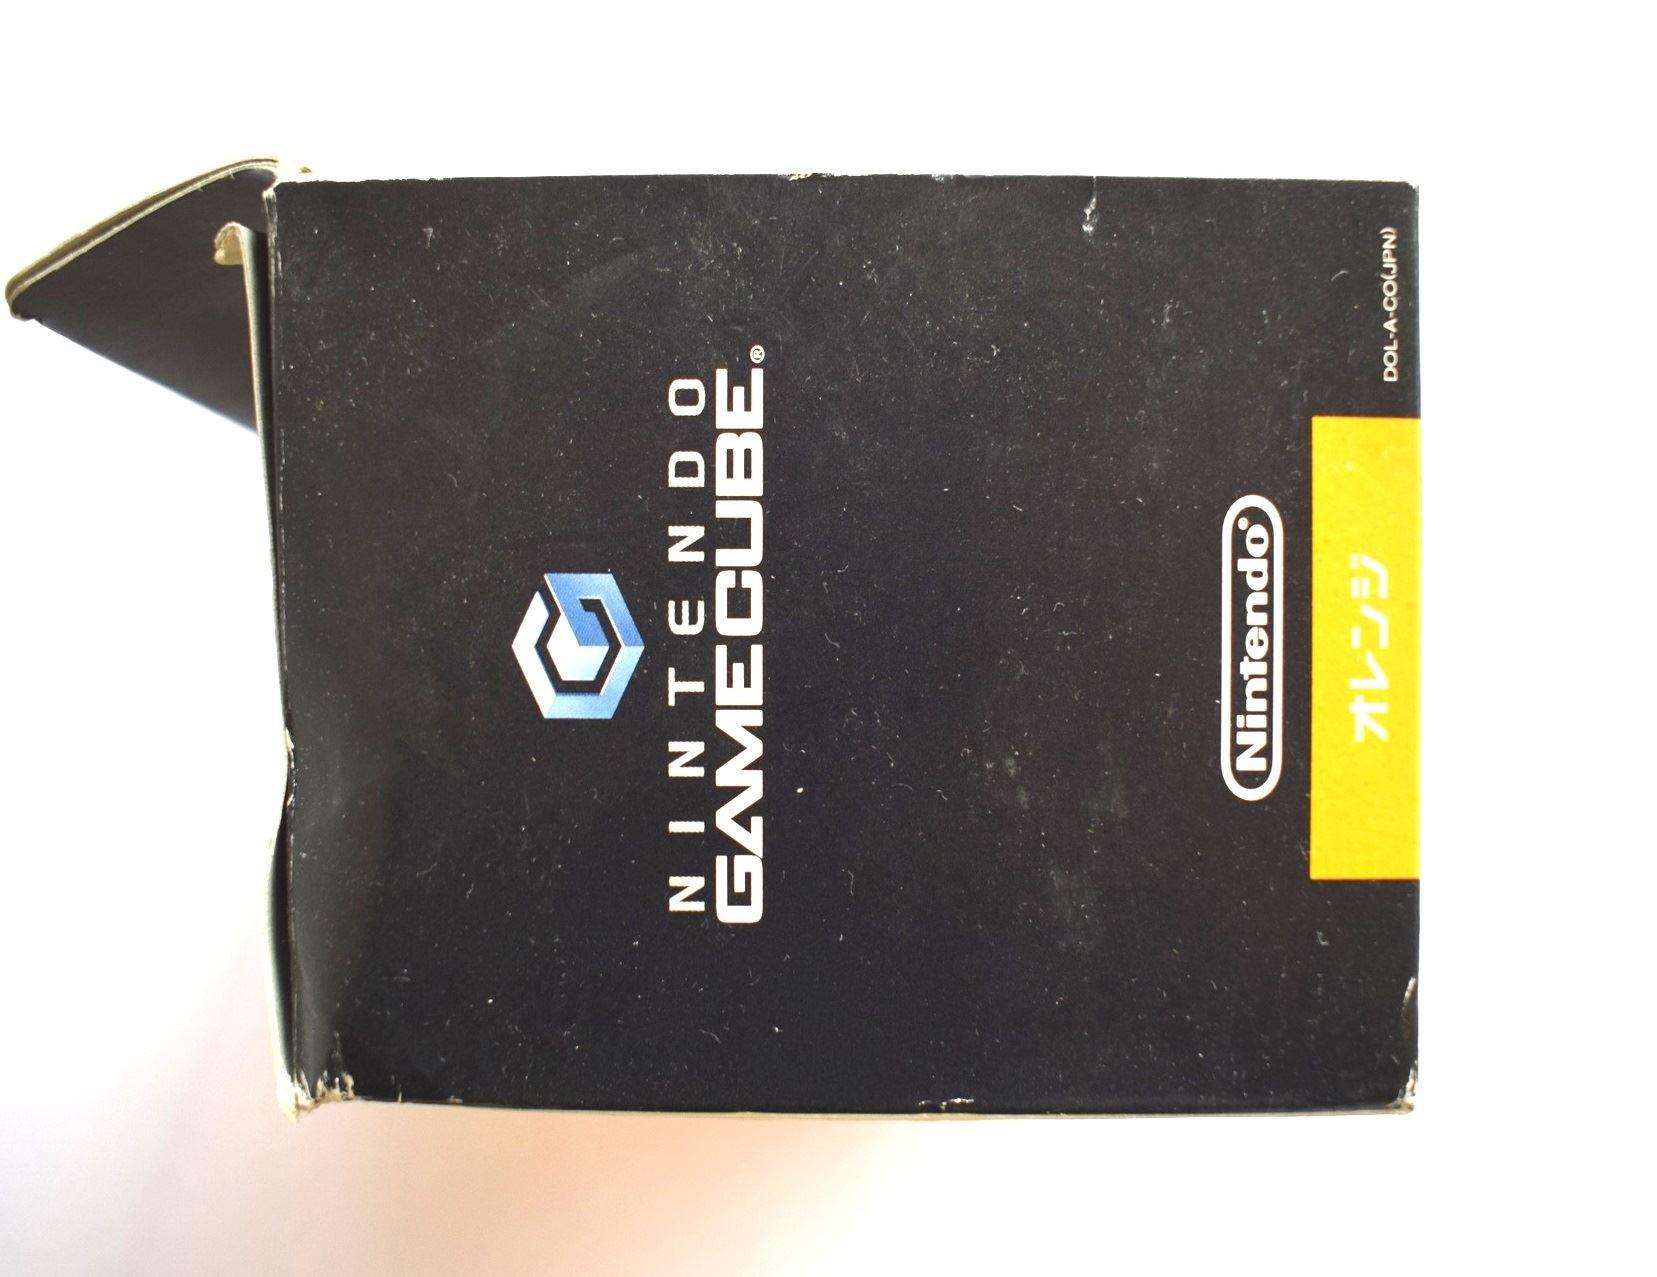 Nintendo-Gamecube-Ufficiale-Originale-Controller-Vari-Colori-Disponibile thumbnail 7